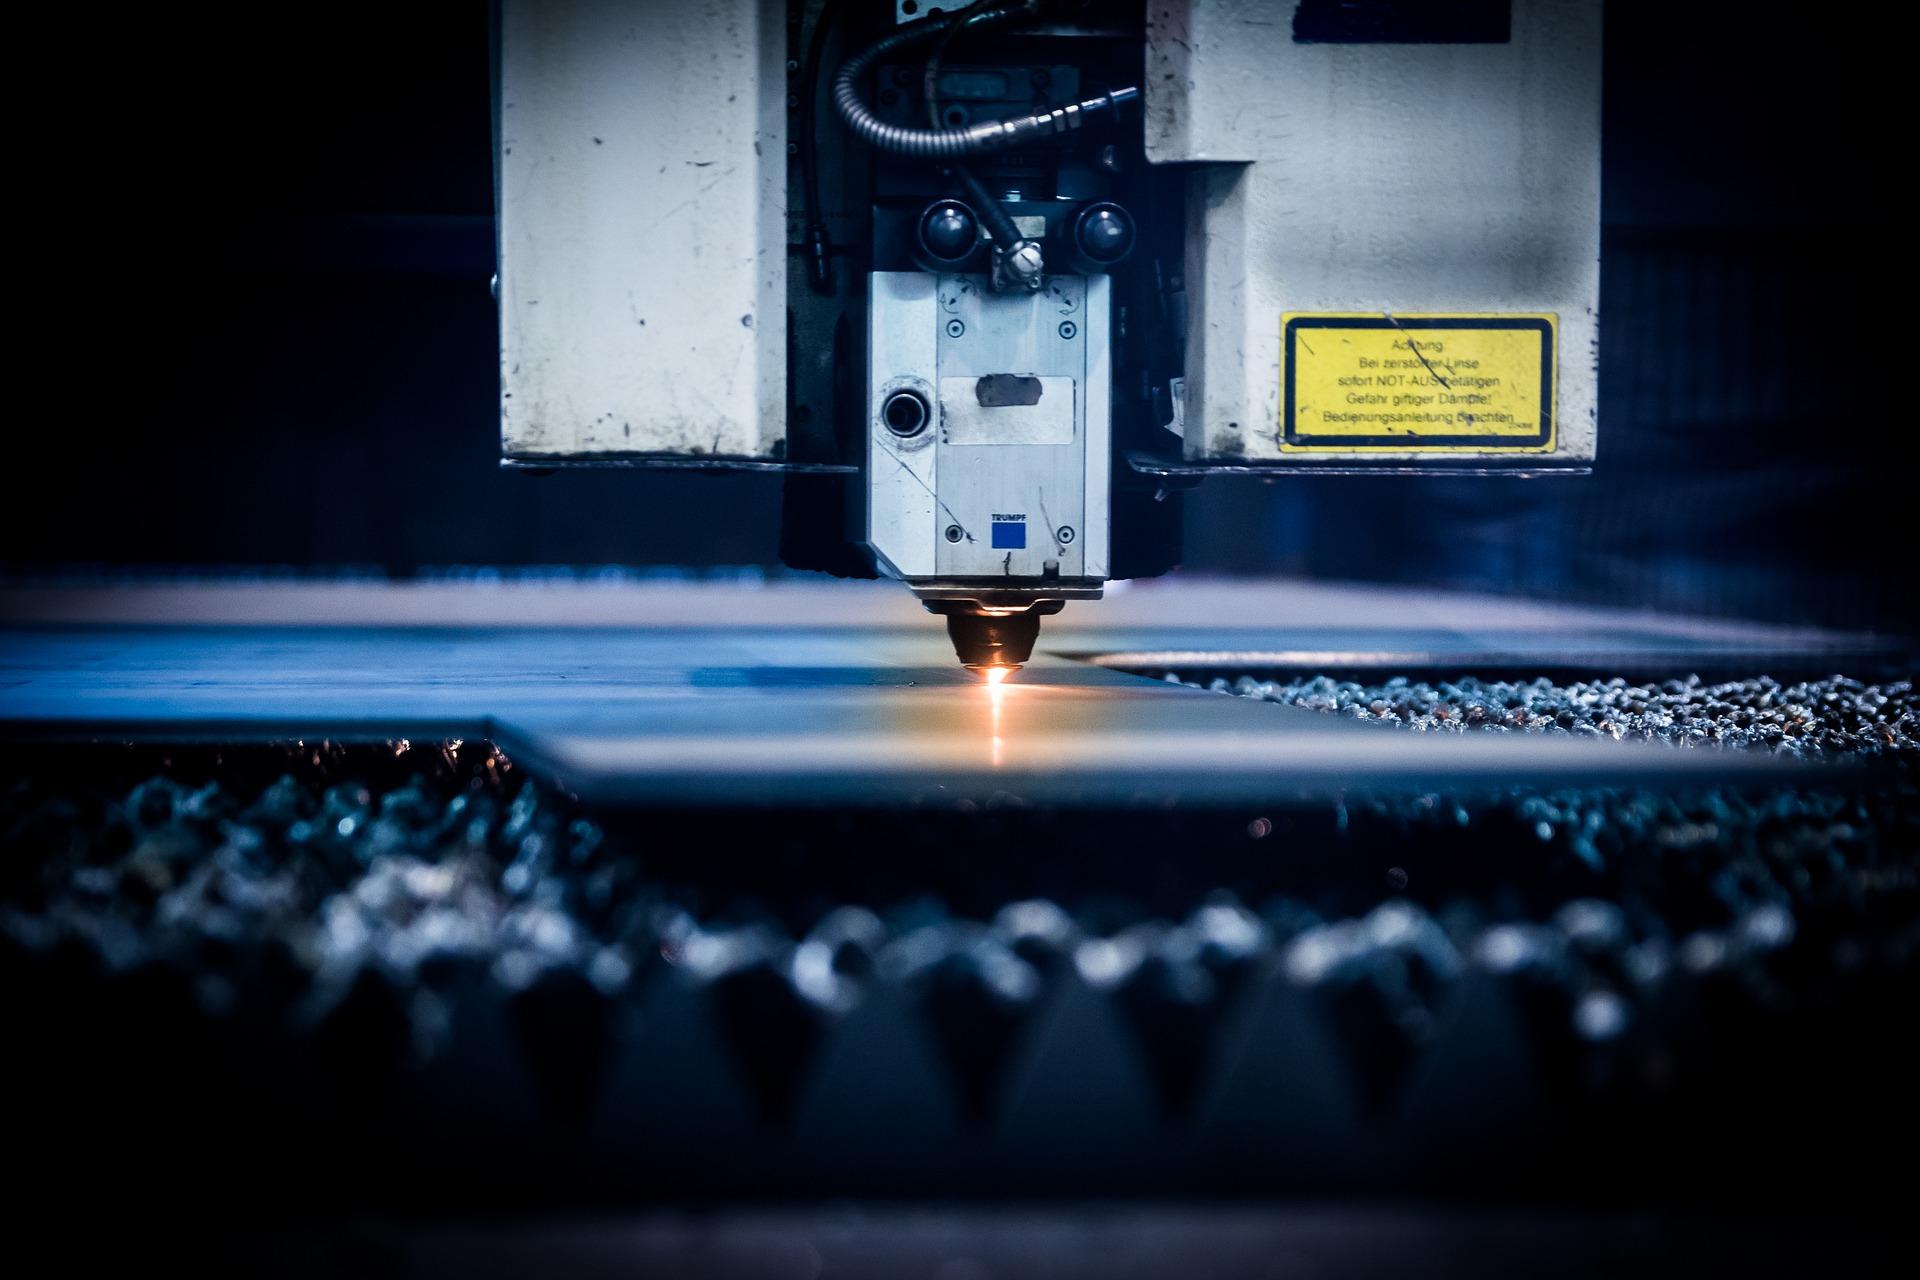 מה ההבדל בין מכונות CNC ובין מכונות חריטה?